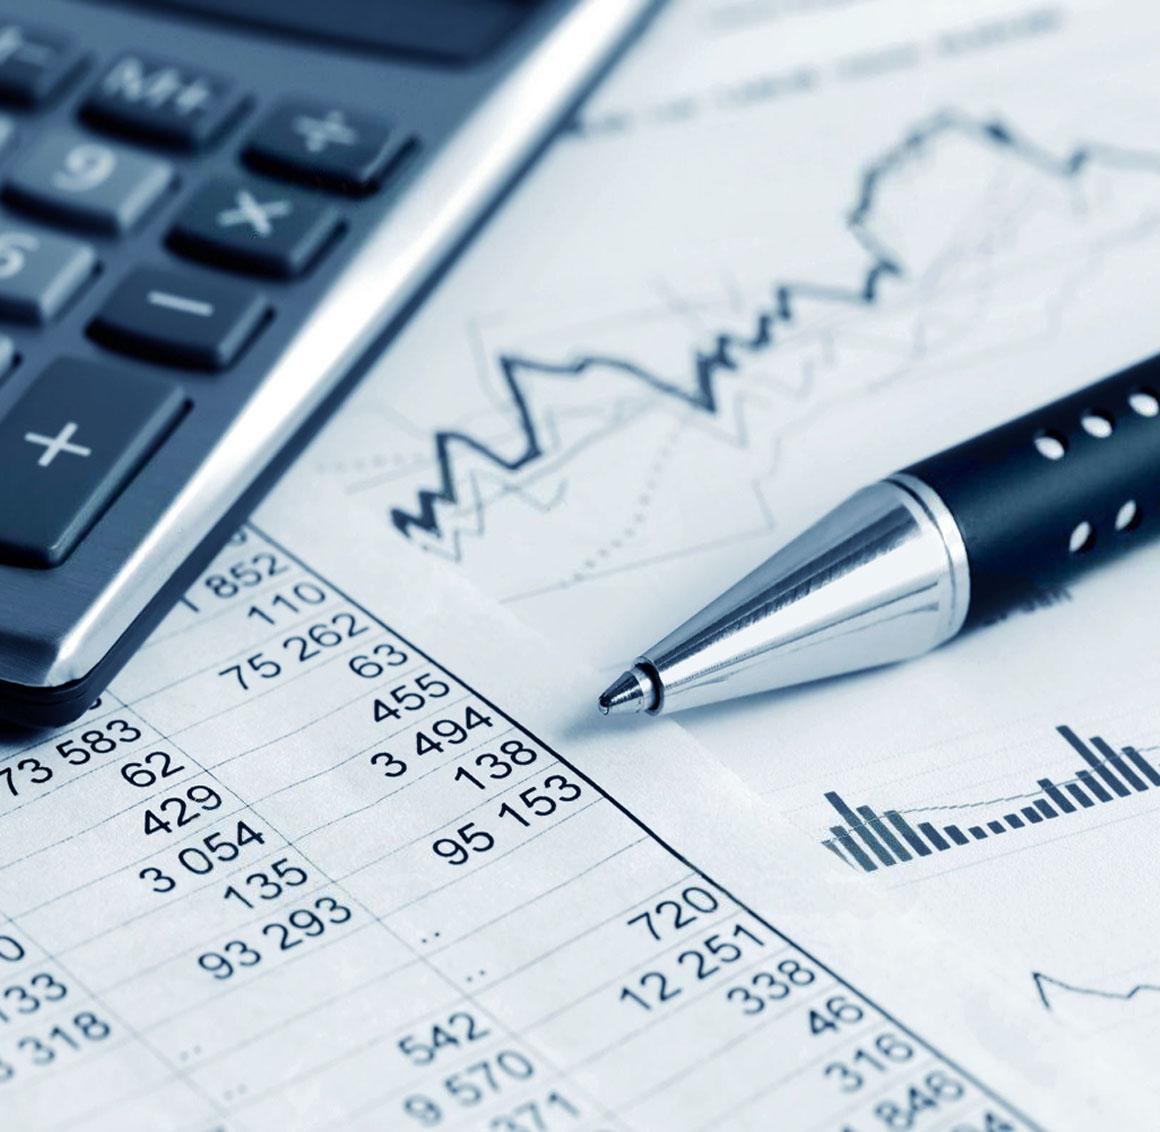 Λογιστικές Φοροτεχικές Υπηρεσίες